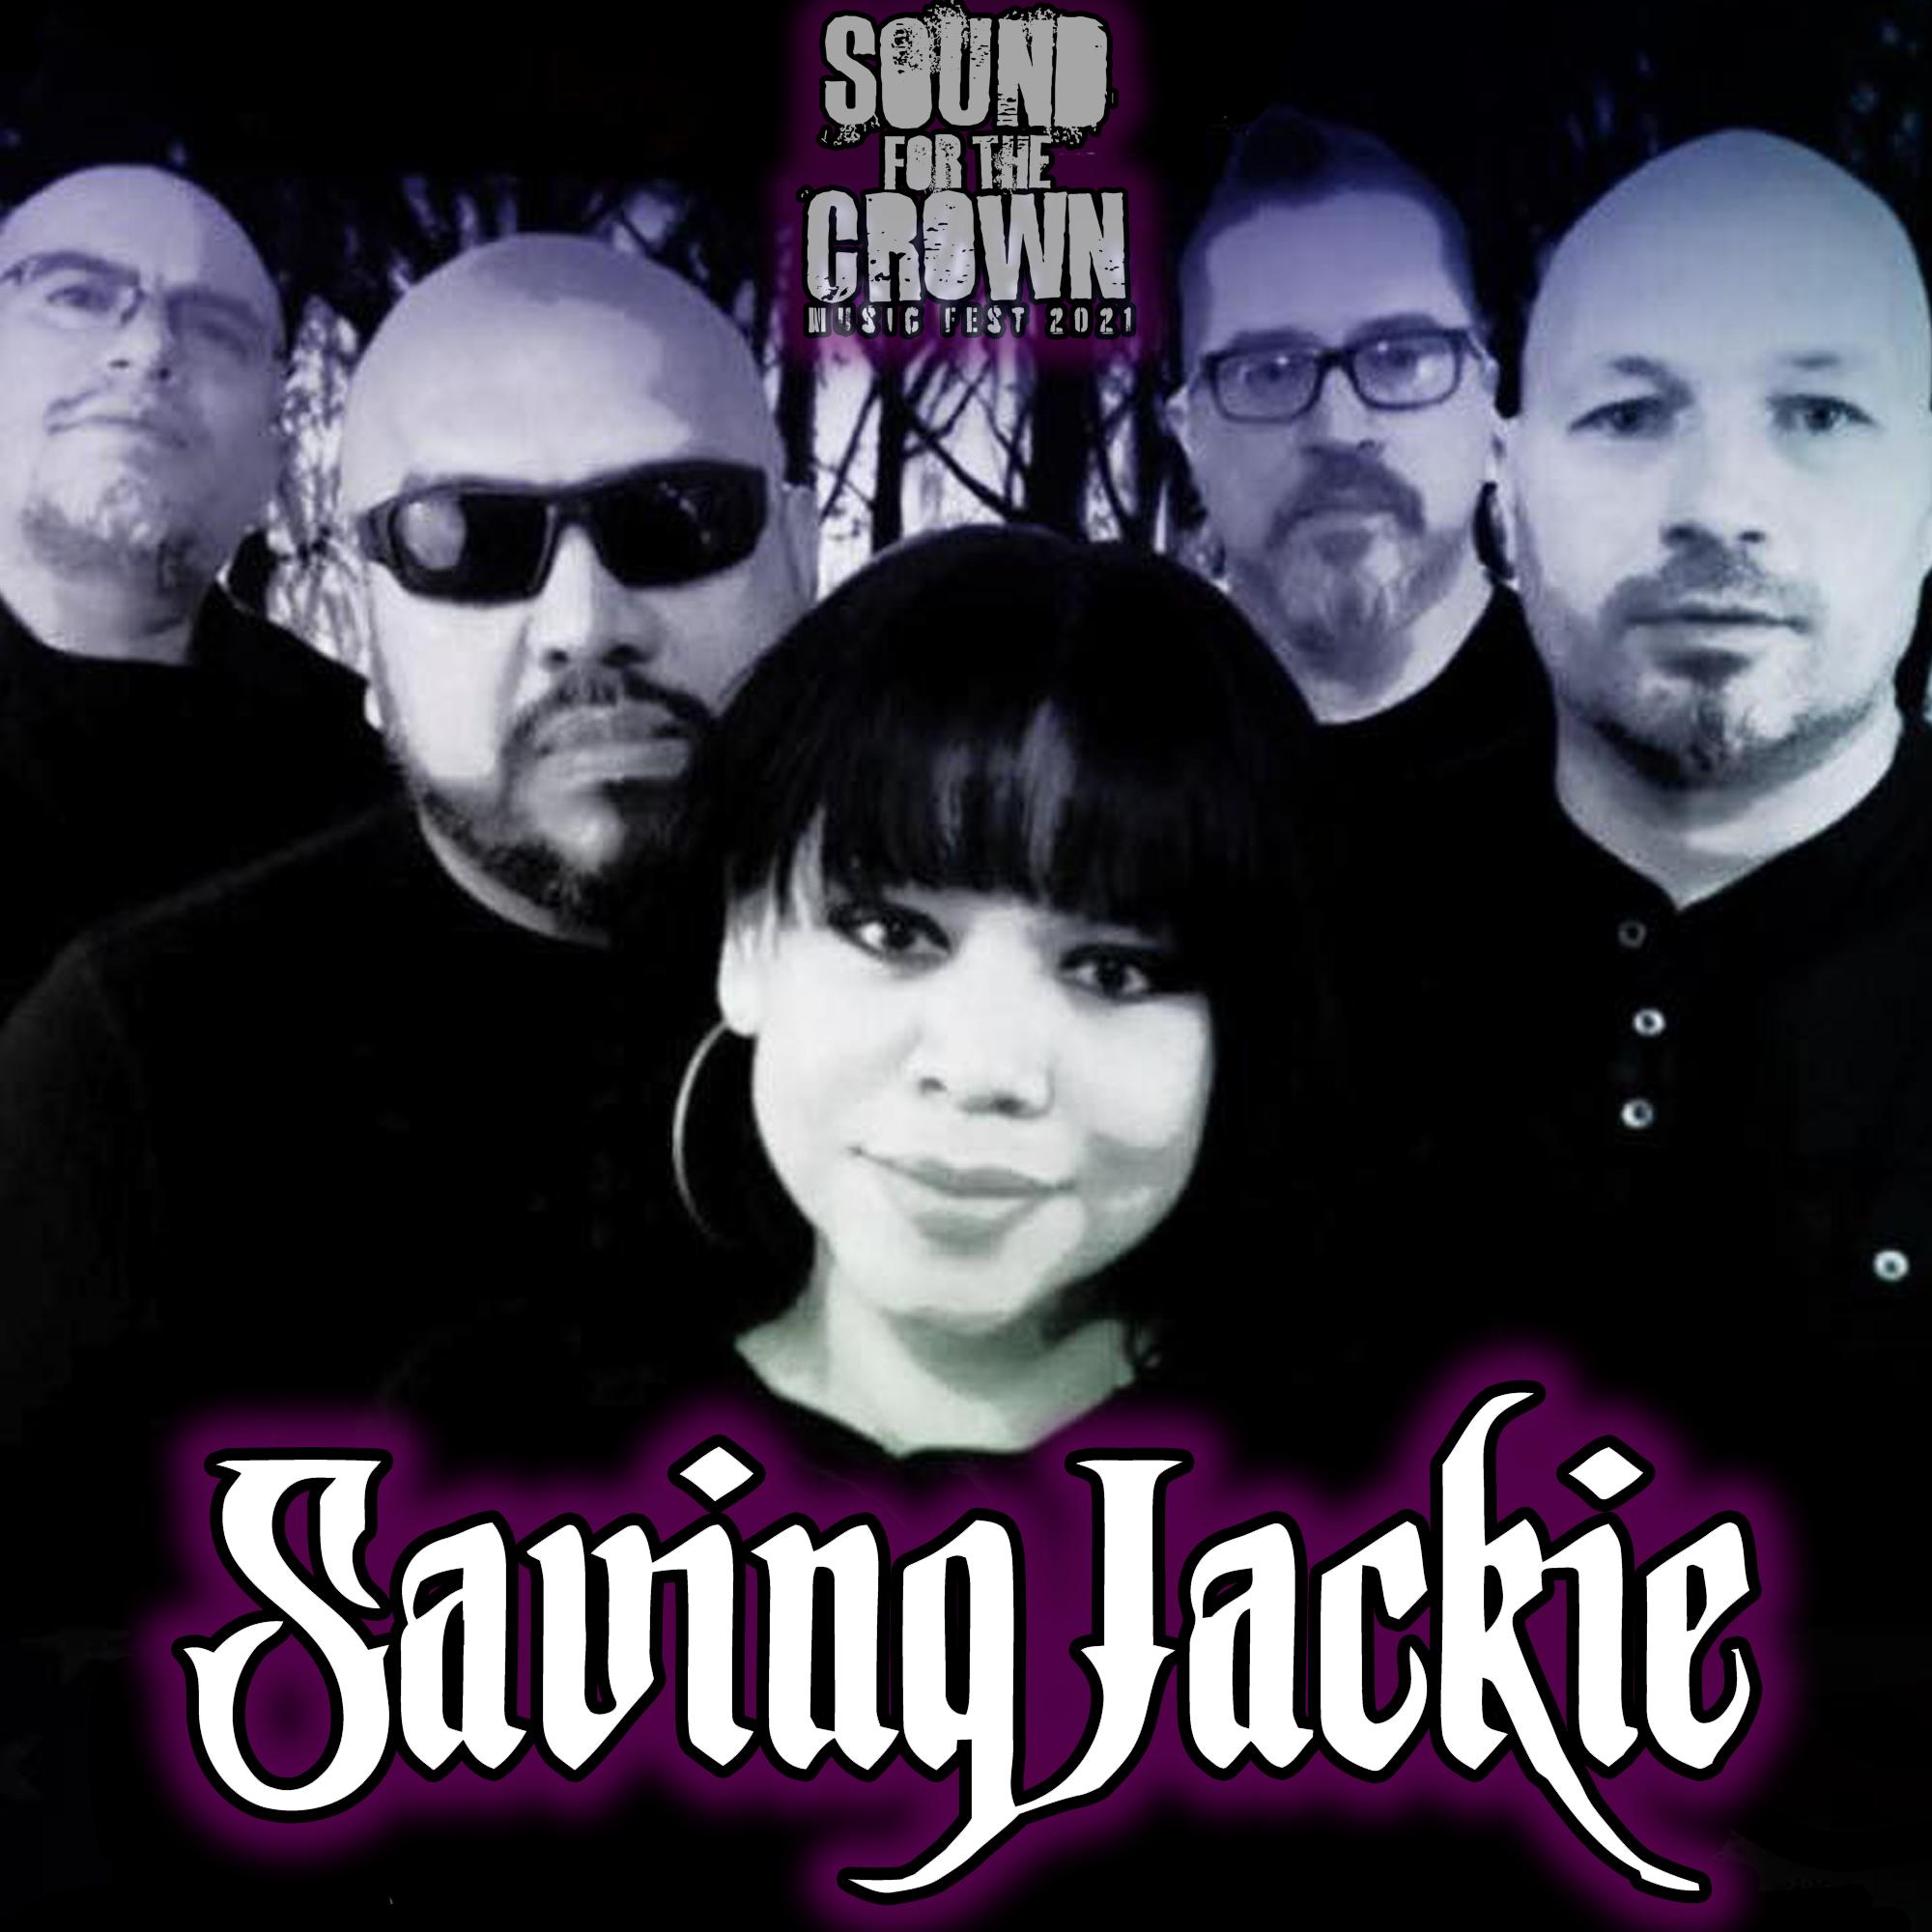 Saving Jackie